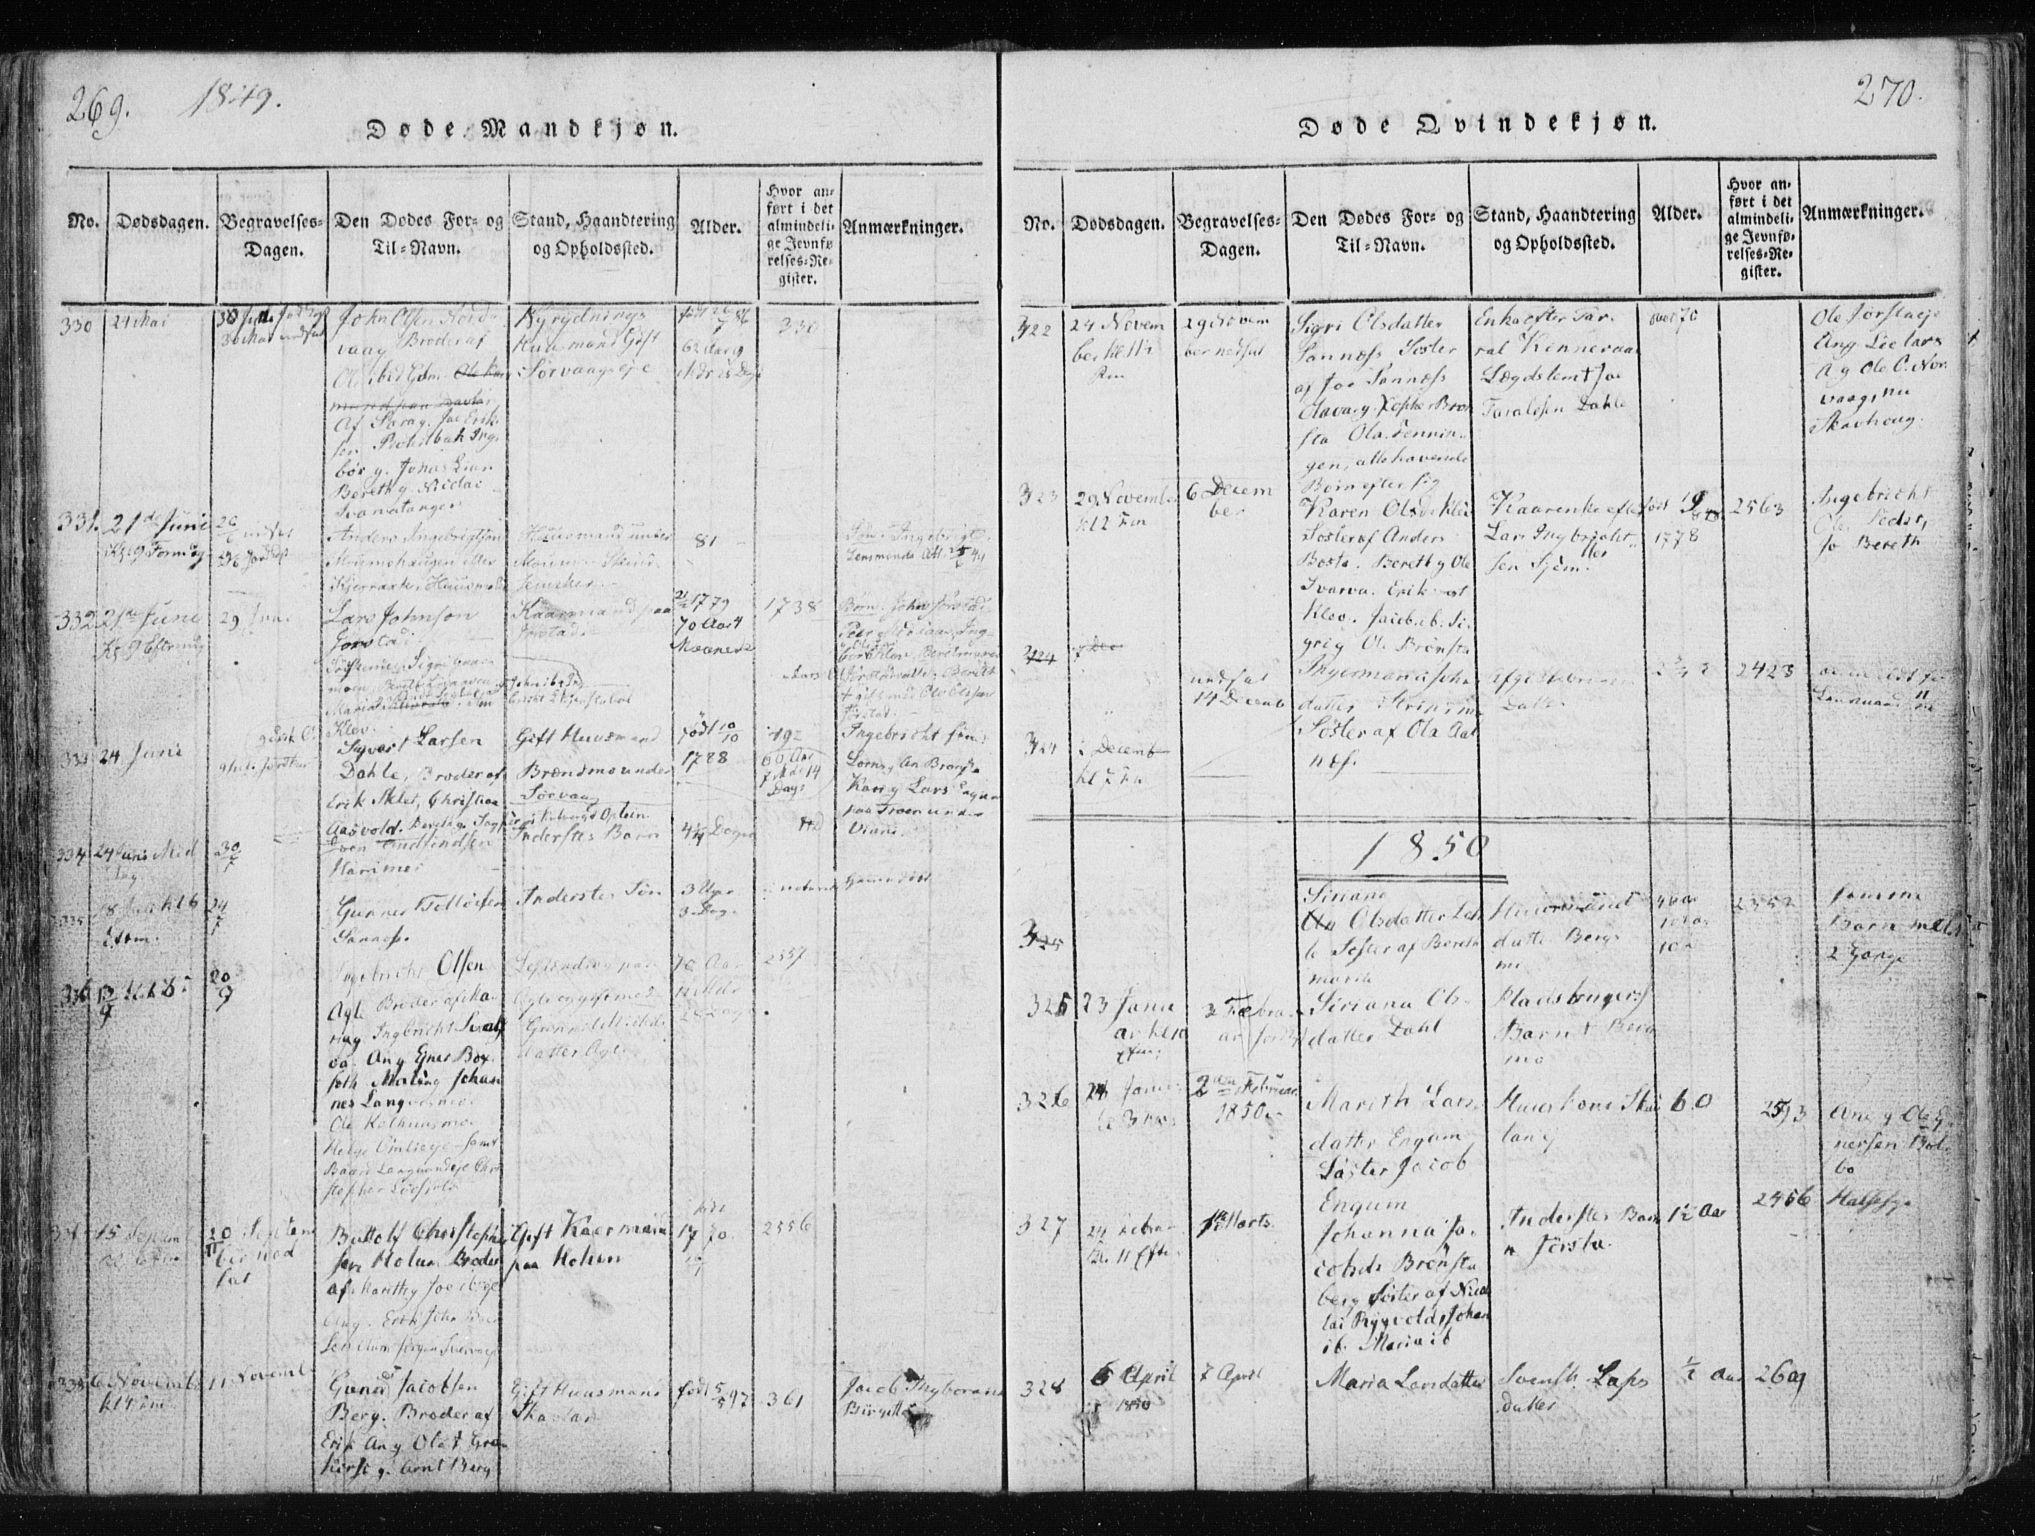 SAT, Ministerialprotokoller, klokkerbøker og fødselsregistre - Nord-Trøndelag, 749/L0469: Ministerialbok nr. 749A03, 1817-1857, s. 269-270